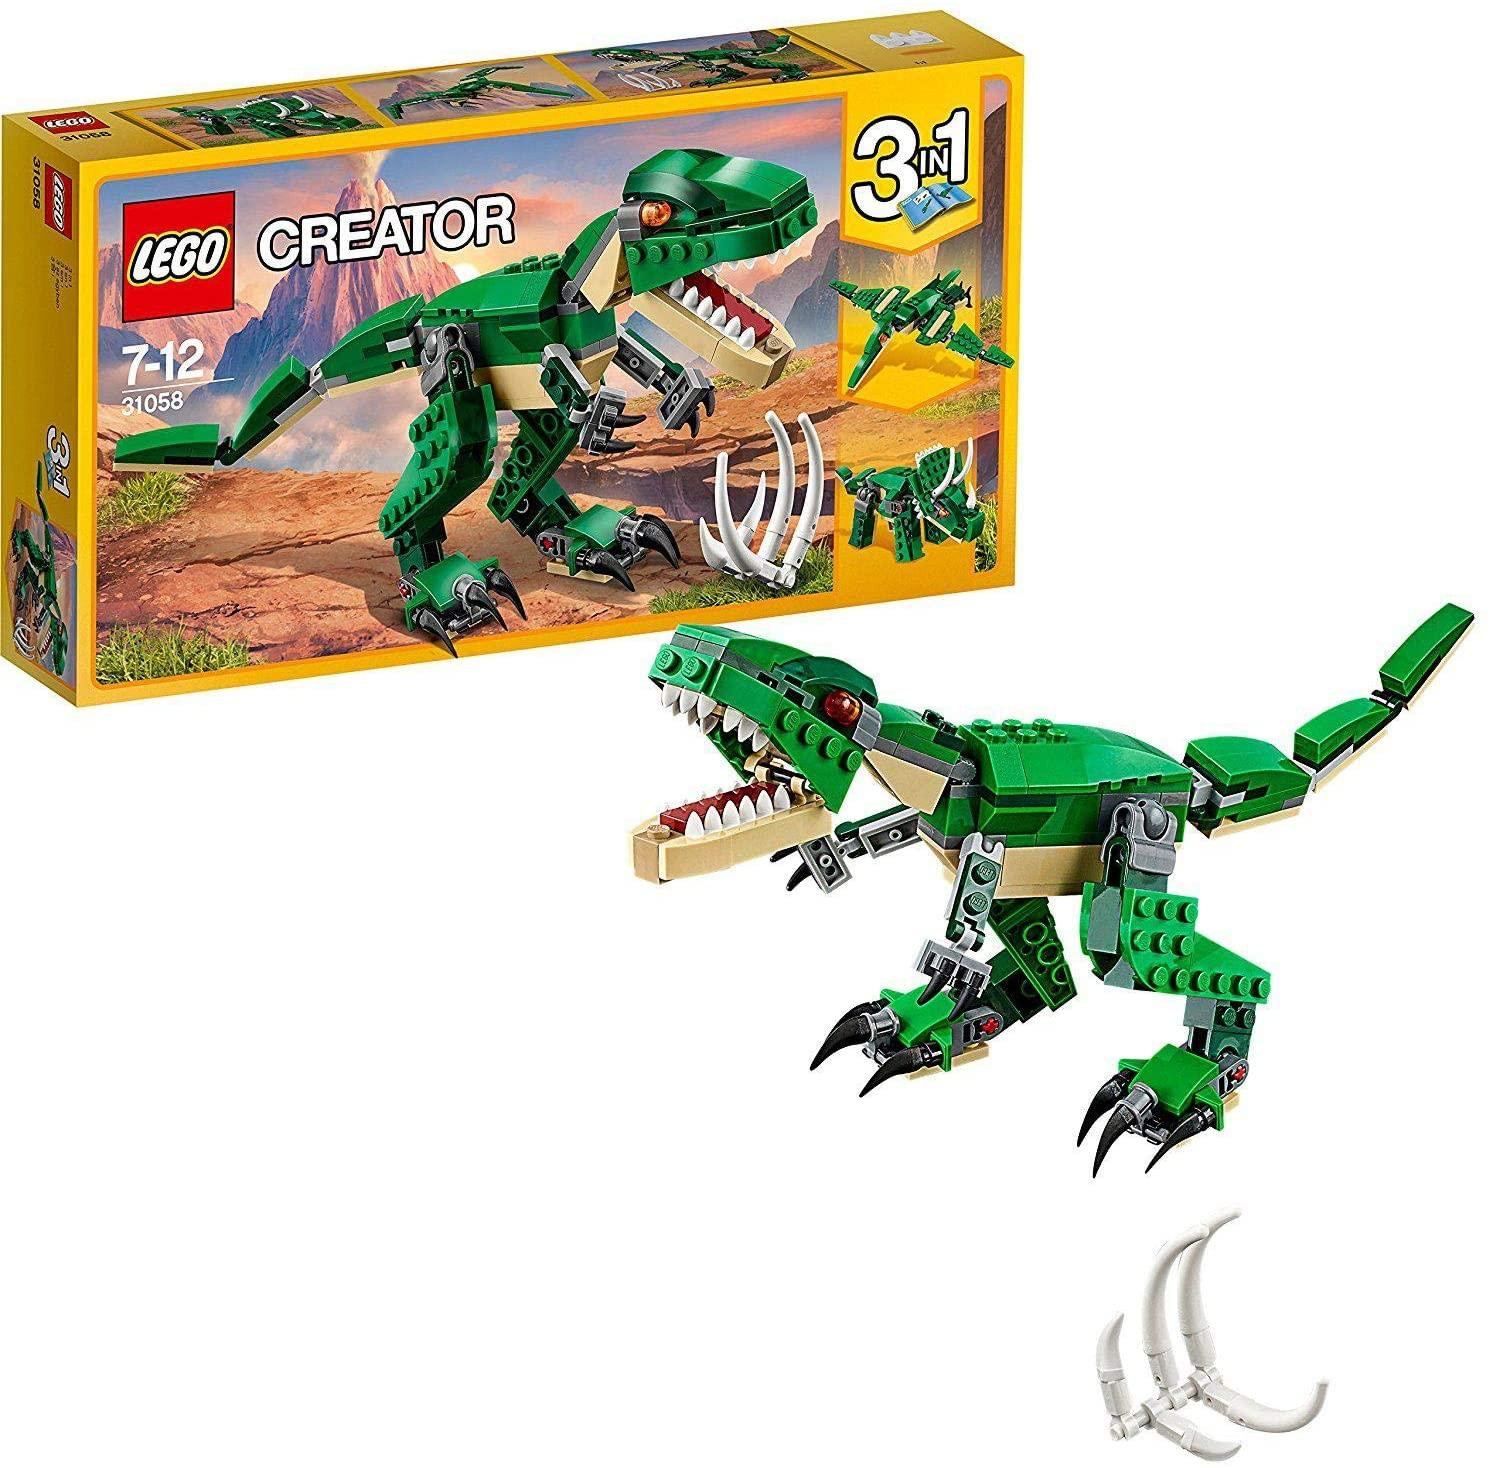 Lego Creator Machtige Dinosaurussen - 31058 @ Amazon.nl